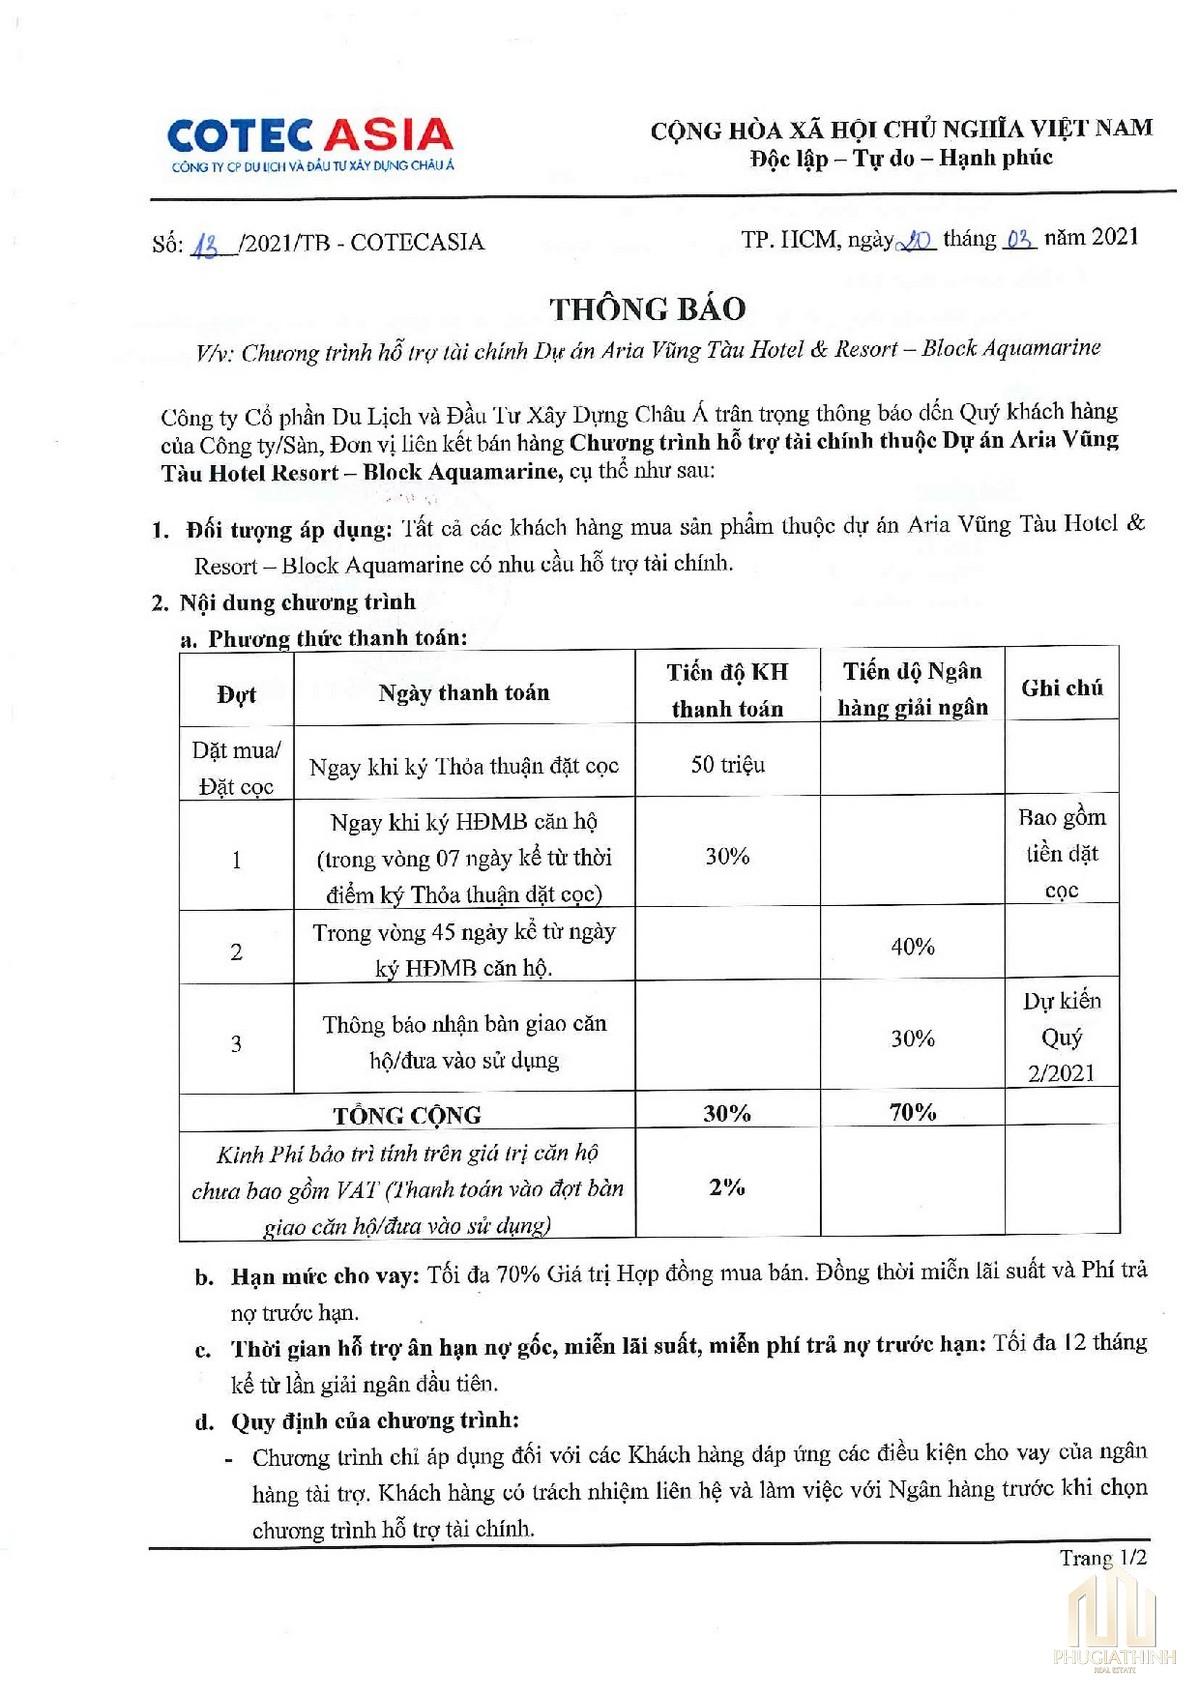 Chương trình hỗ trợ tài chính dự án Aria Vũng Tàu